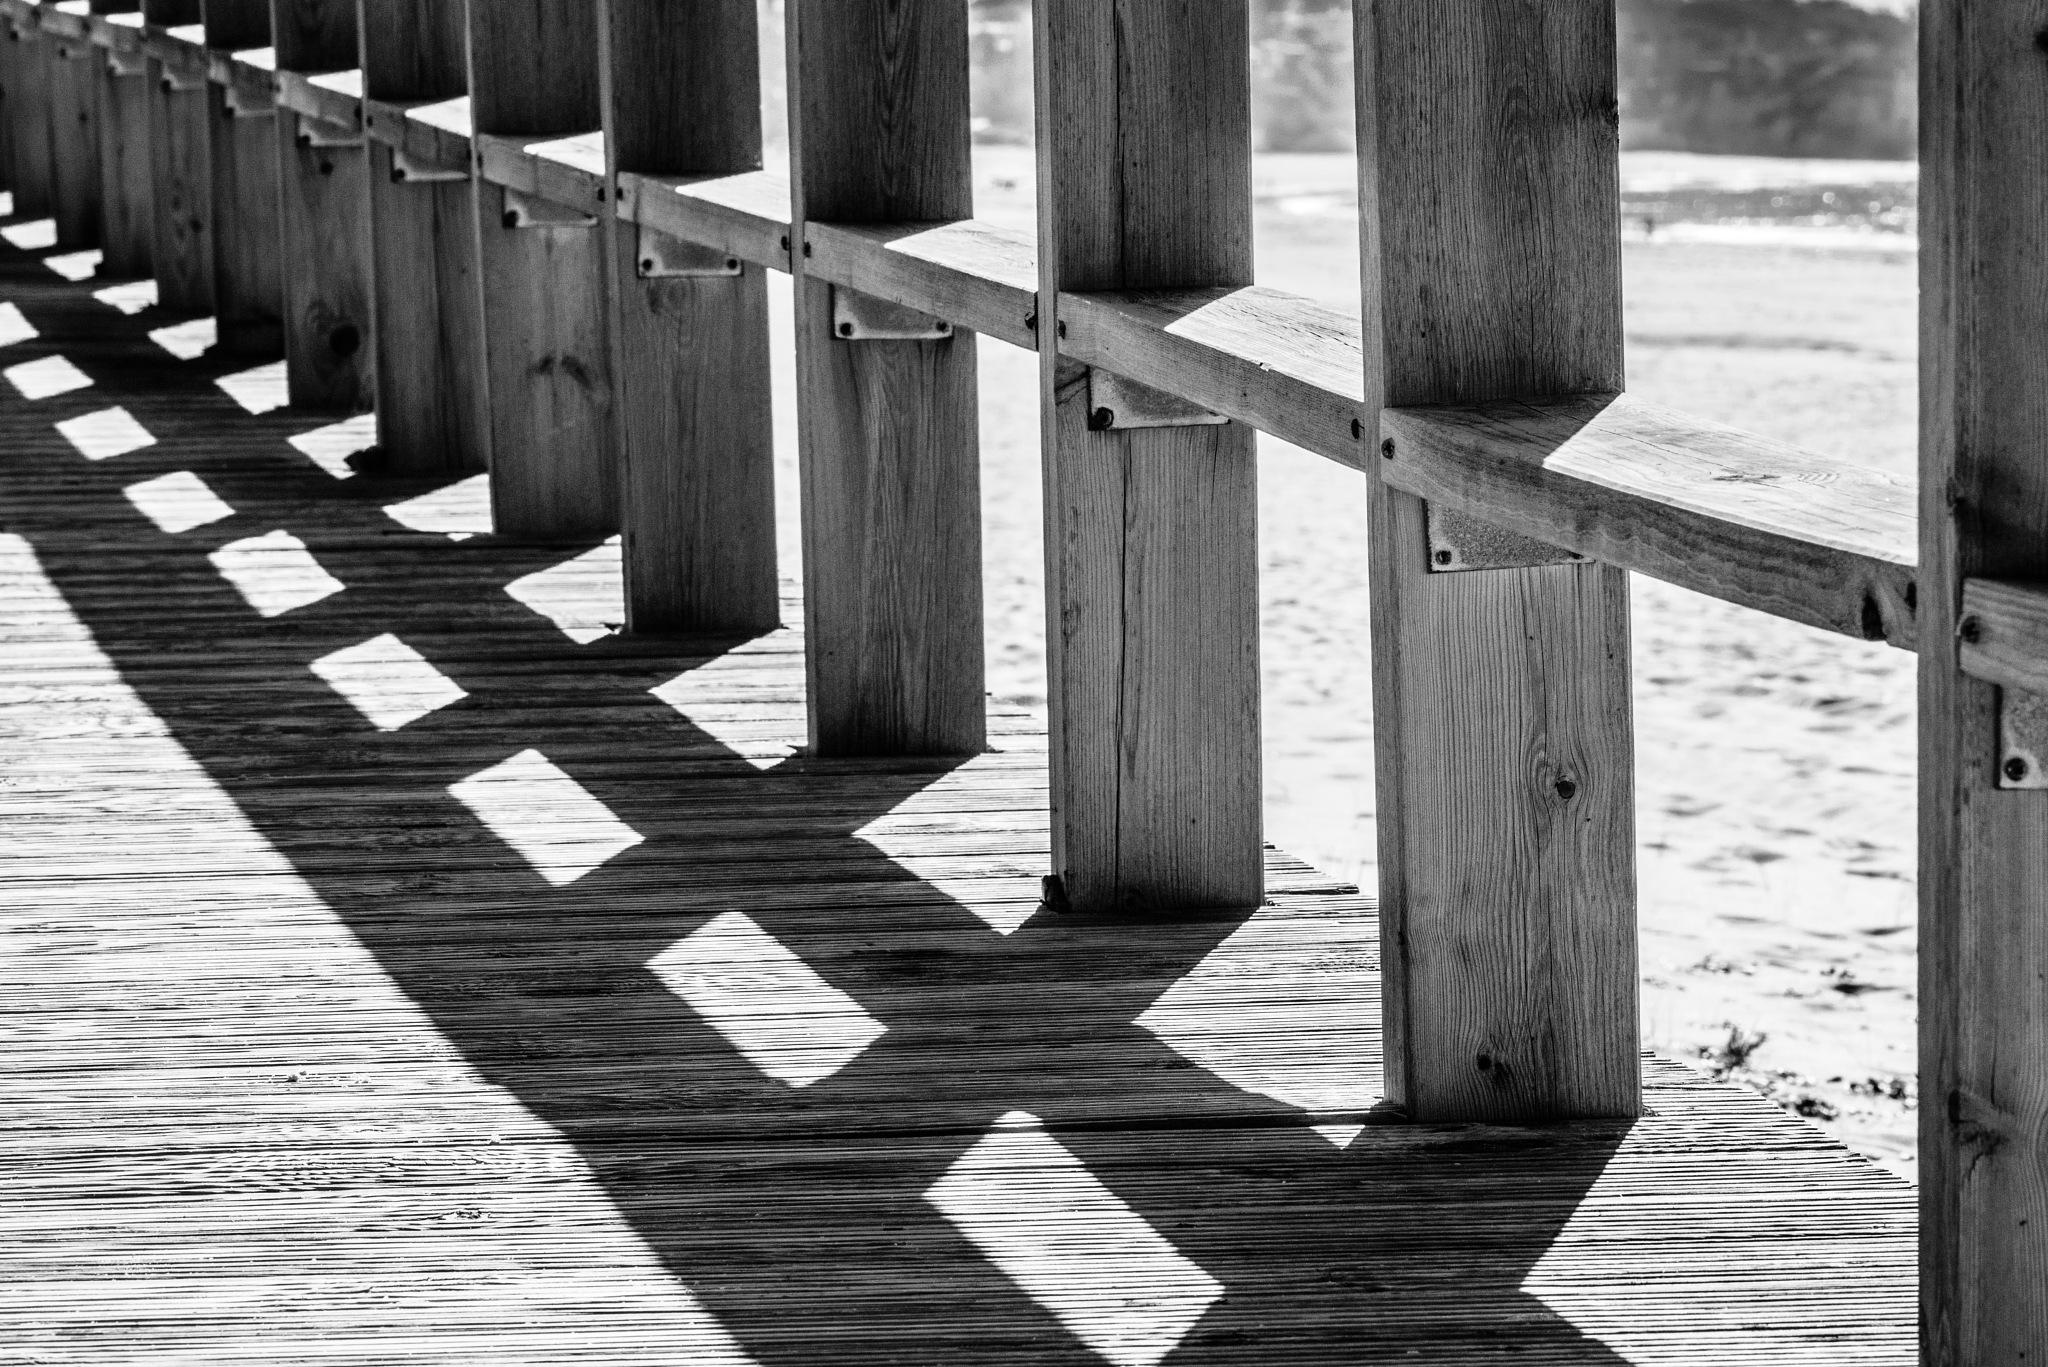 Catwalk 5 by Marcel Weichert